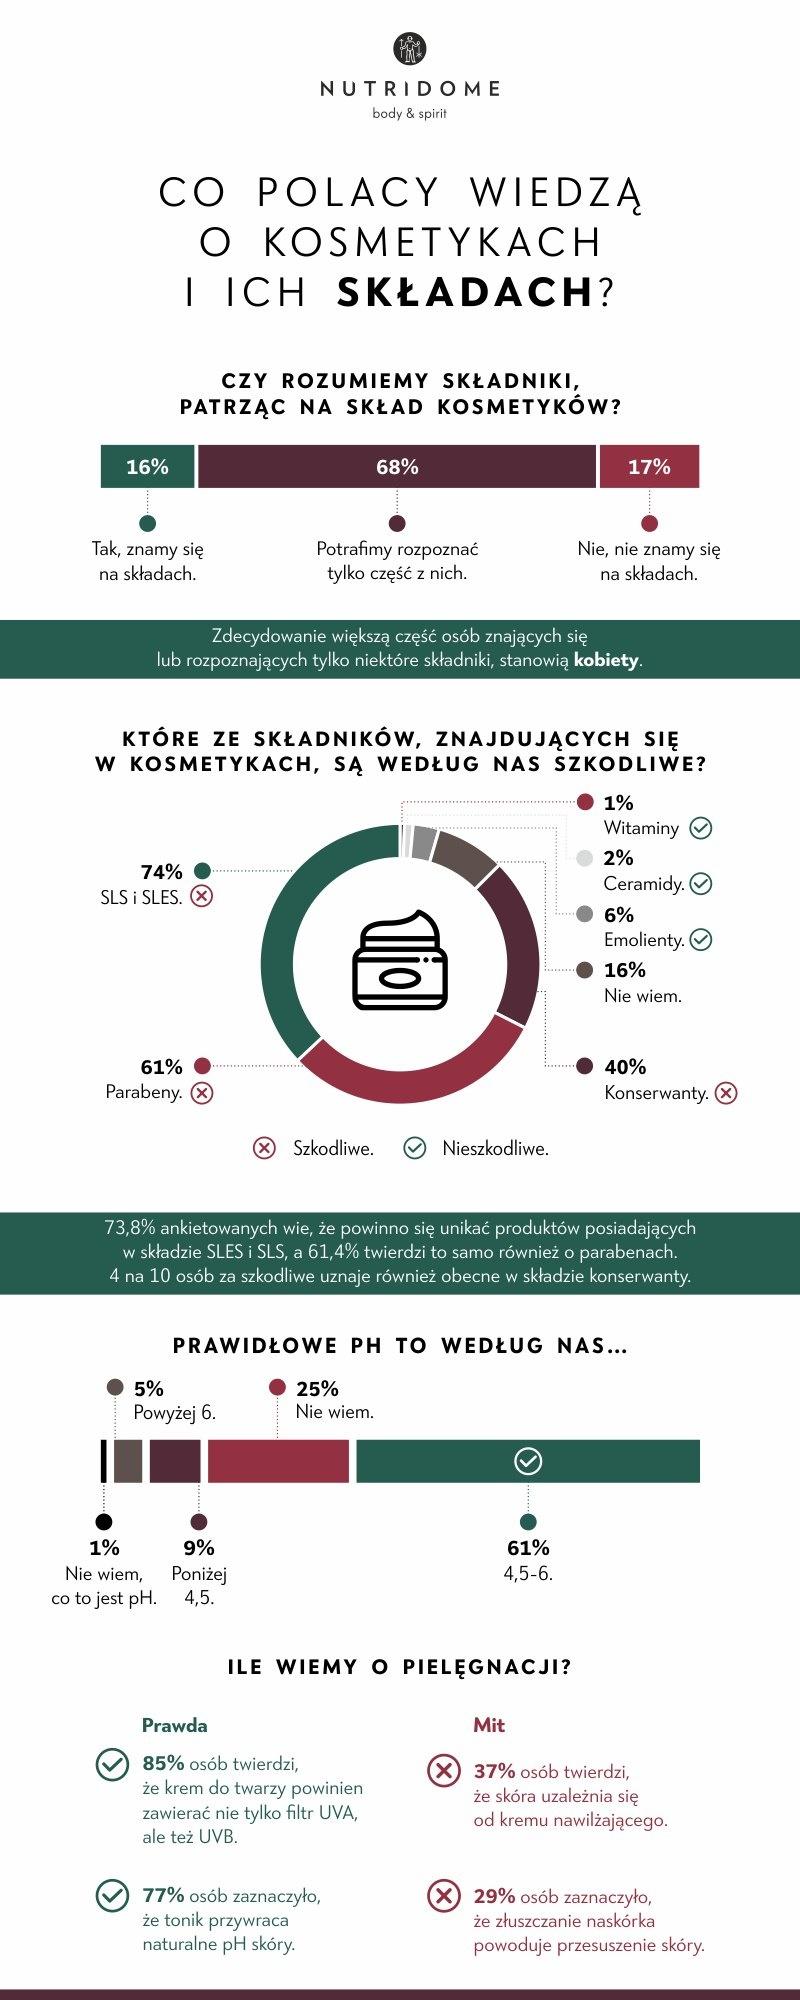 kosmetyki 1, fot. nutridome.pl